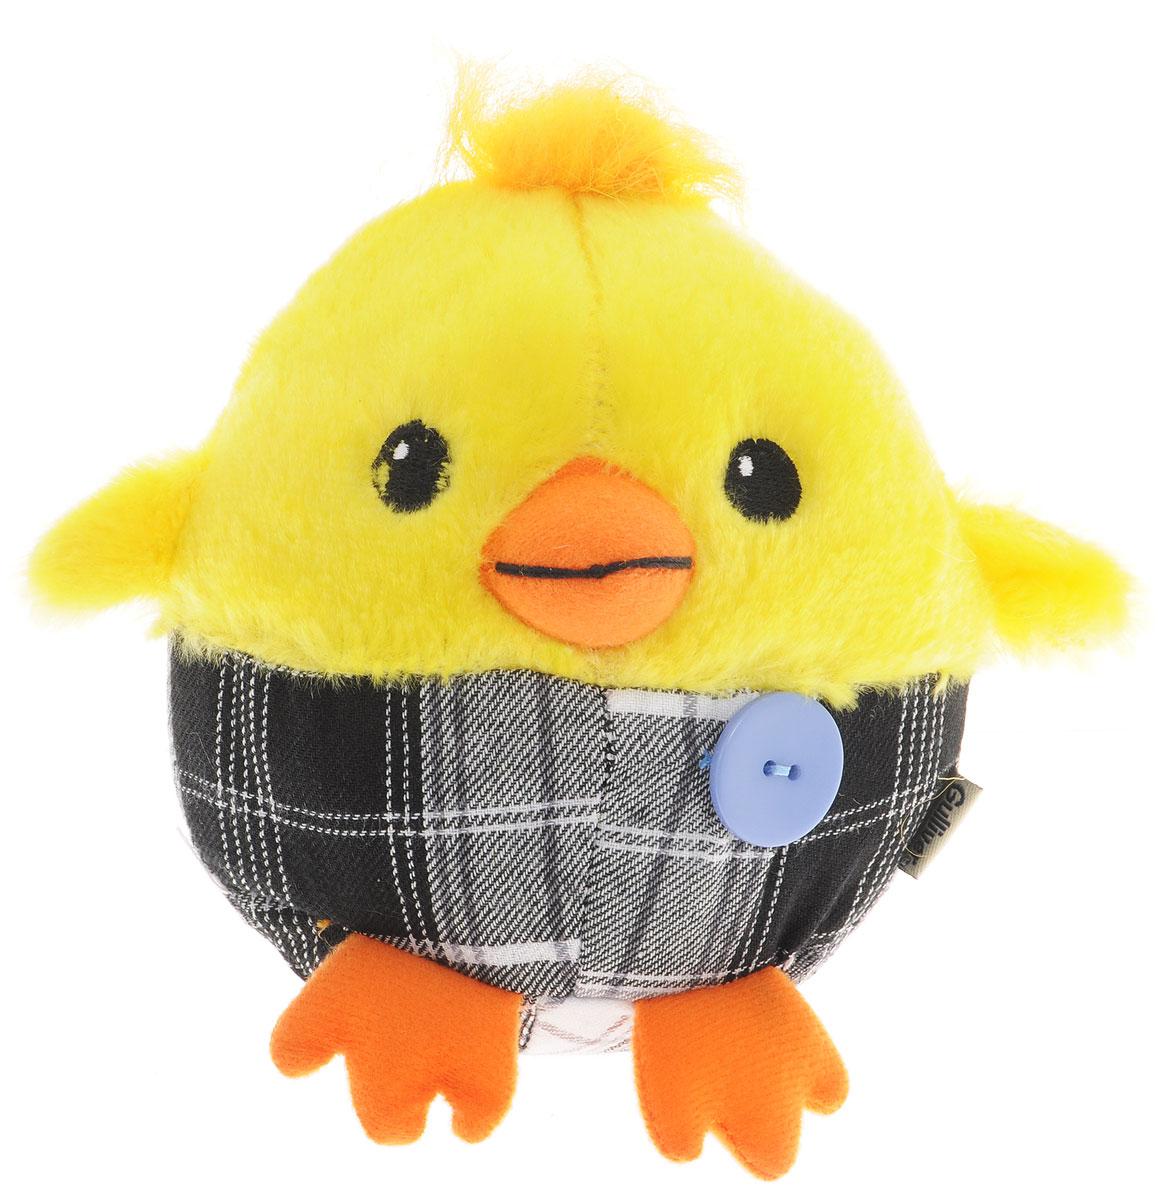 Gulliver Мягкая игрушка Цыпленок Солнышко в штанишках цвет желтый черный серый 12 см gulliver мягкая игрушка цыпленок солнышко в штанишках цвет желтый черный серый 12 см